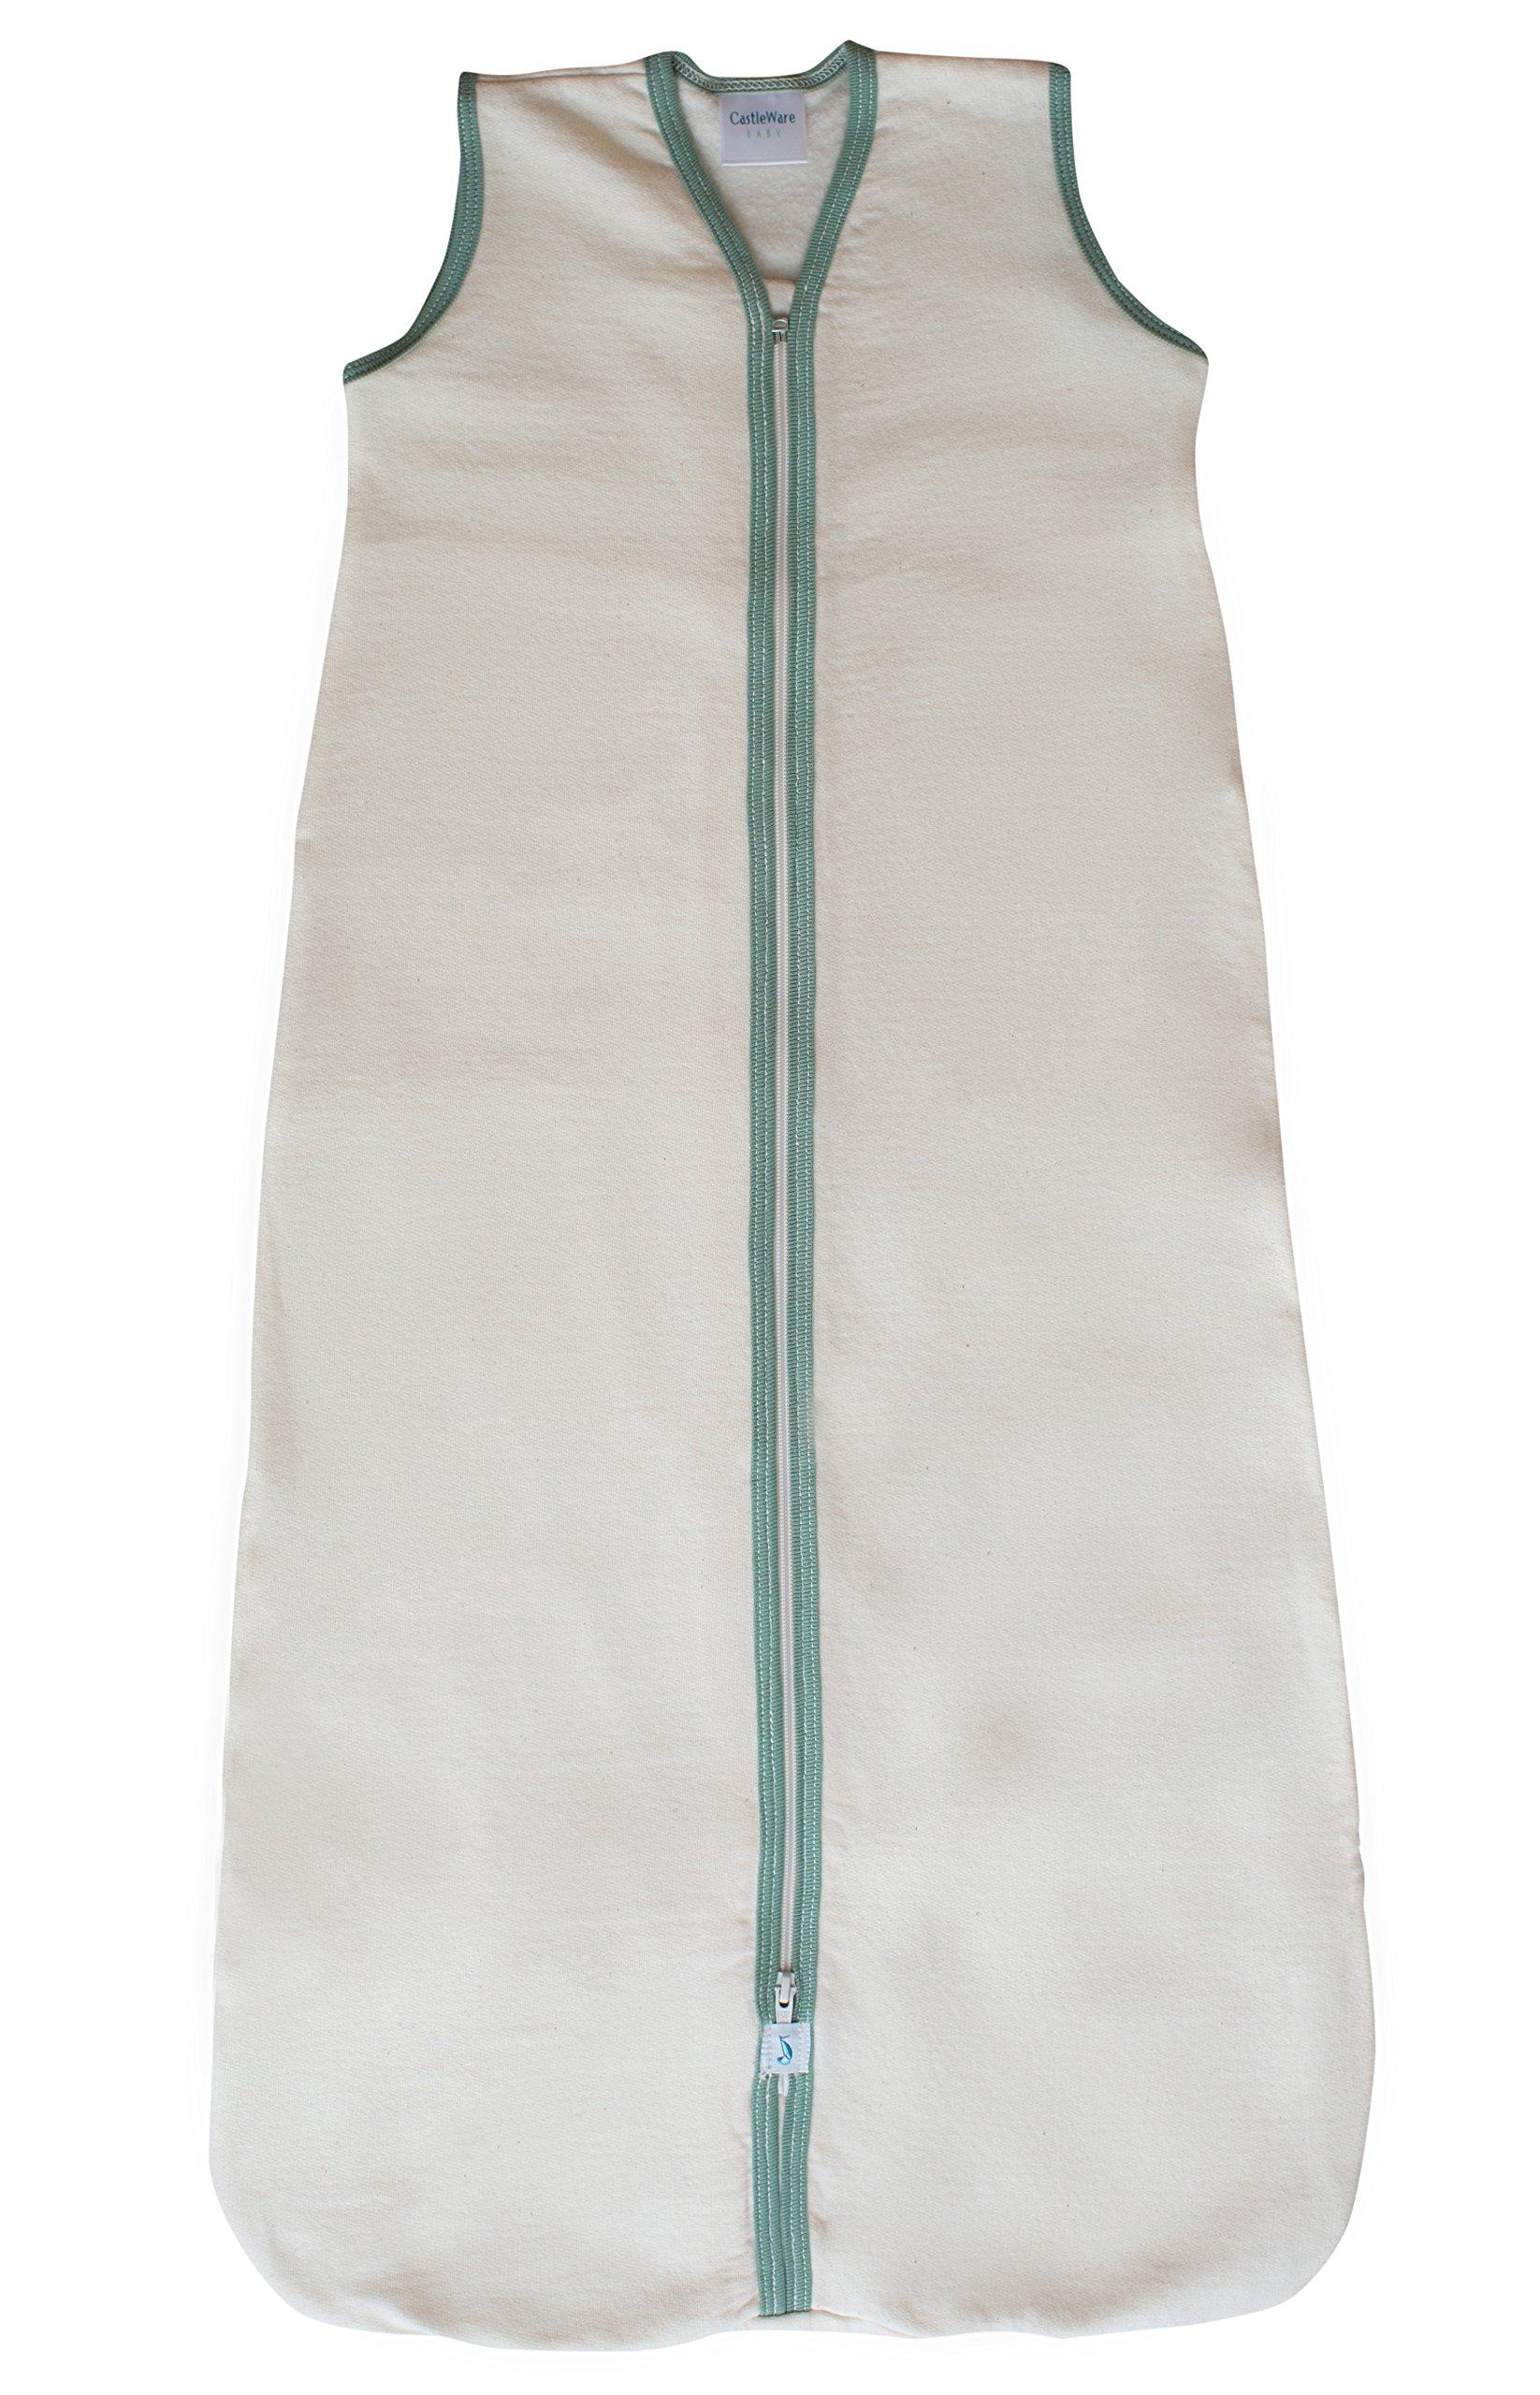 CastleWare Baby Sleeveless Fleece Sleeper Bag (LRG 12-18 Months, Moss Green)